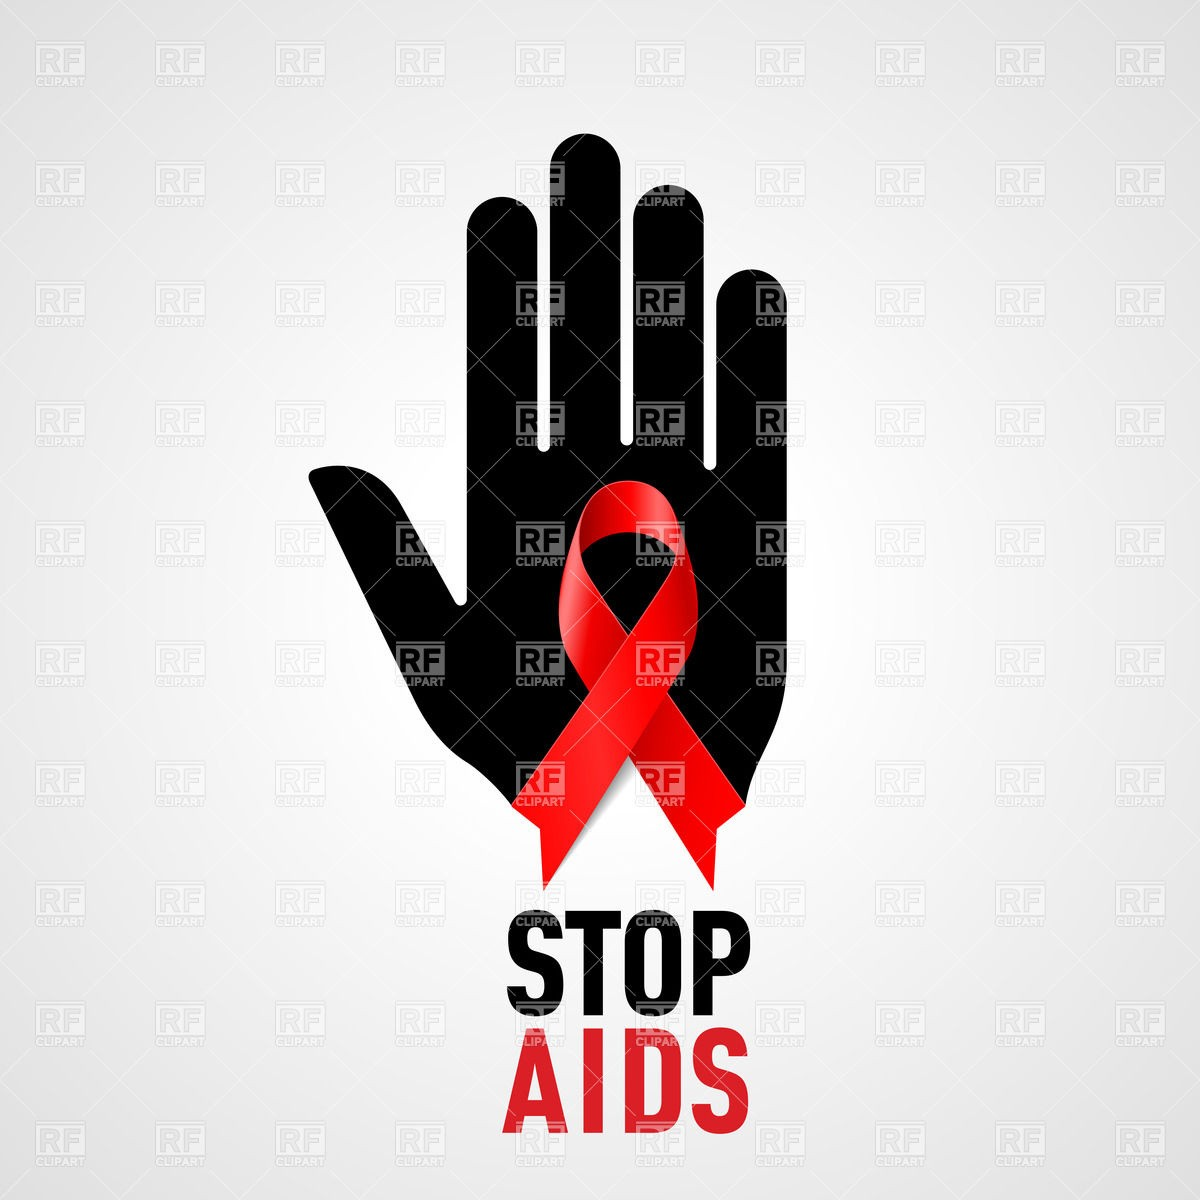 Photo of Анализ на ВИЧ. Что делать? Где искать помощи? Когда сдавать анализ?